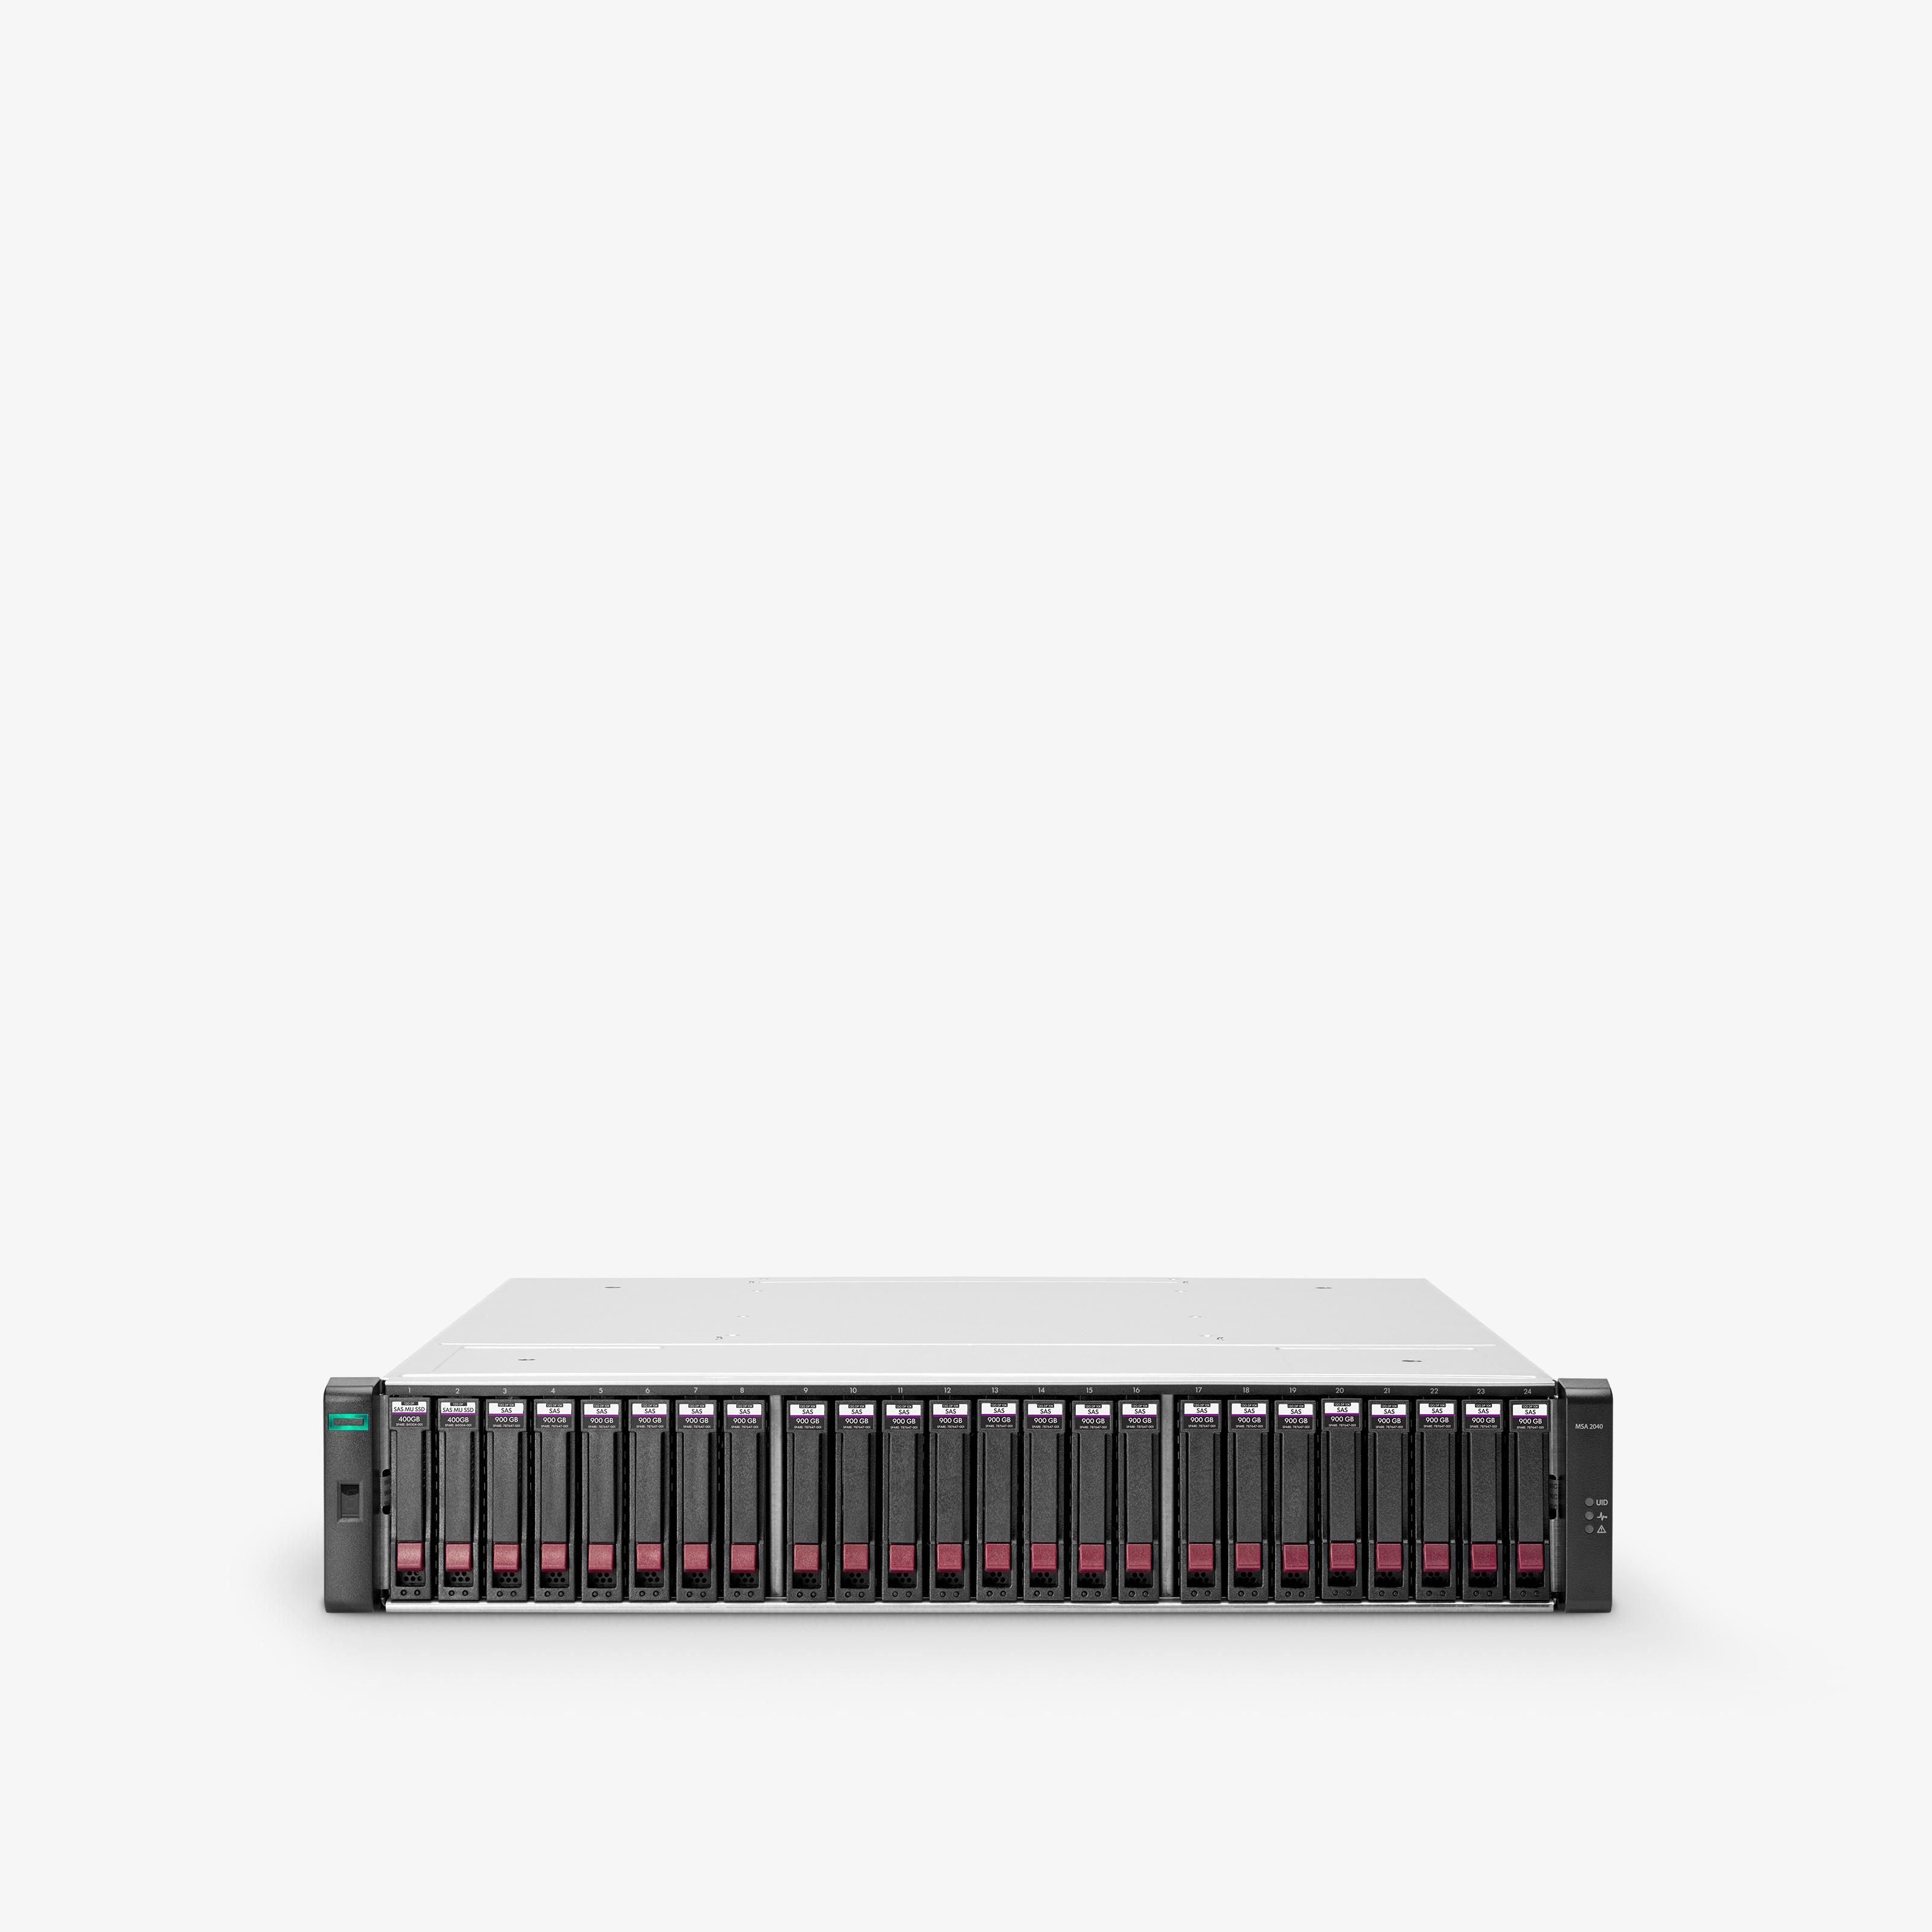 HPE MSA 2042 Storage